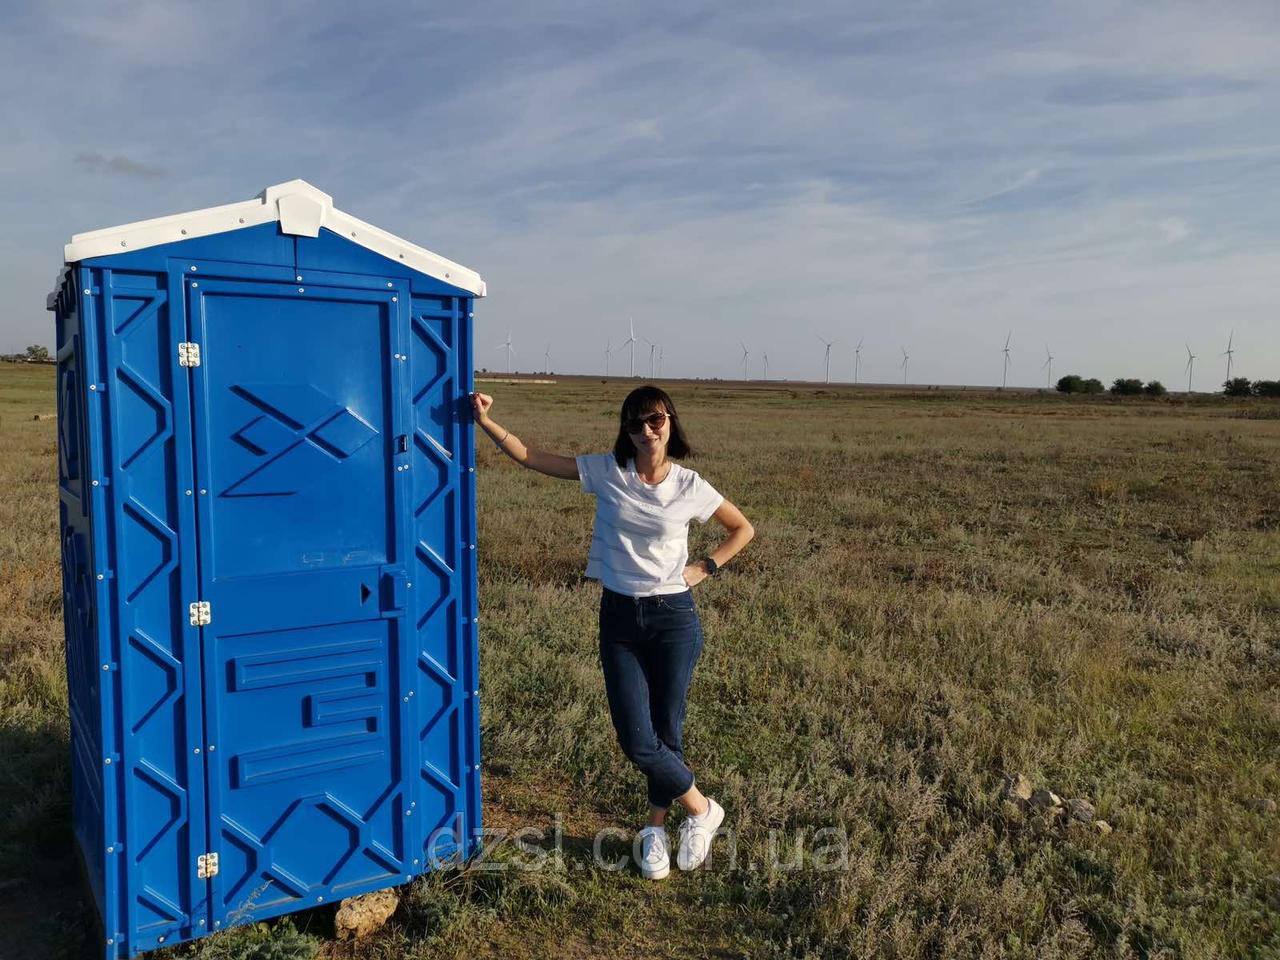 Біотуалет (туалетна кабіна для дачі та дому